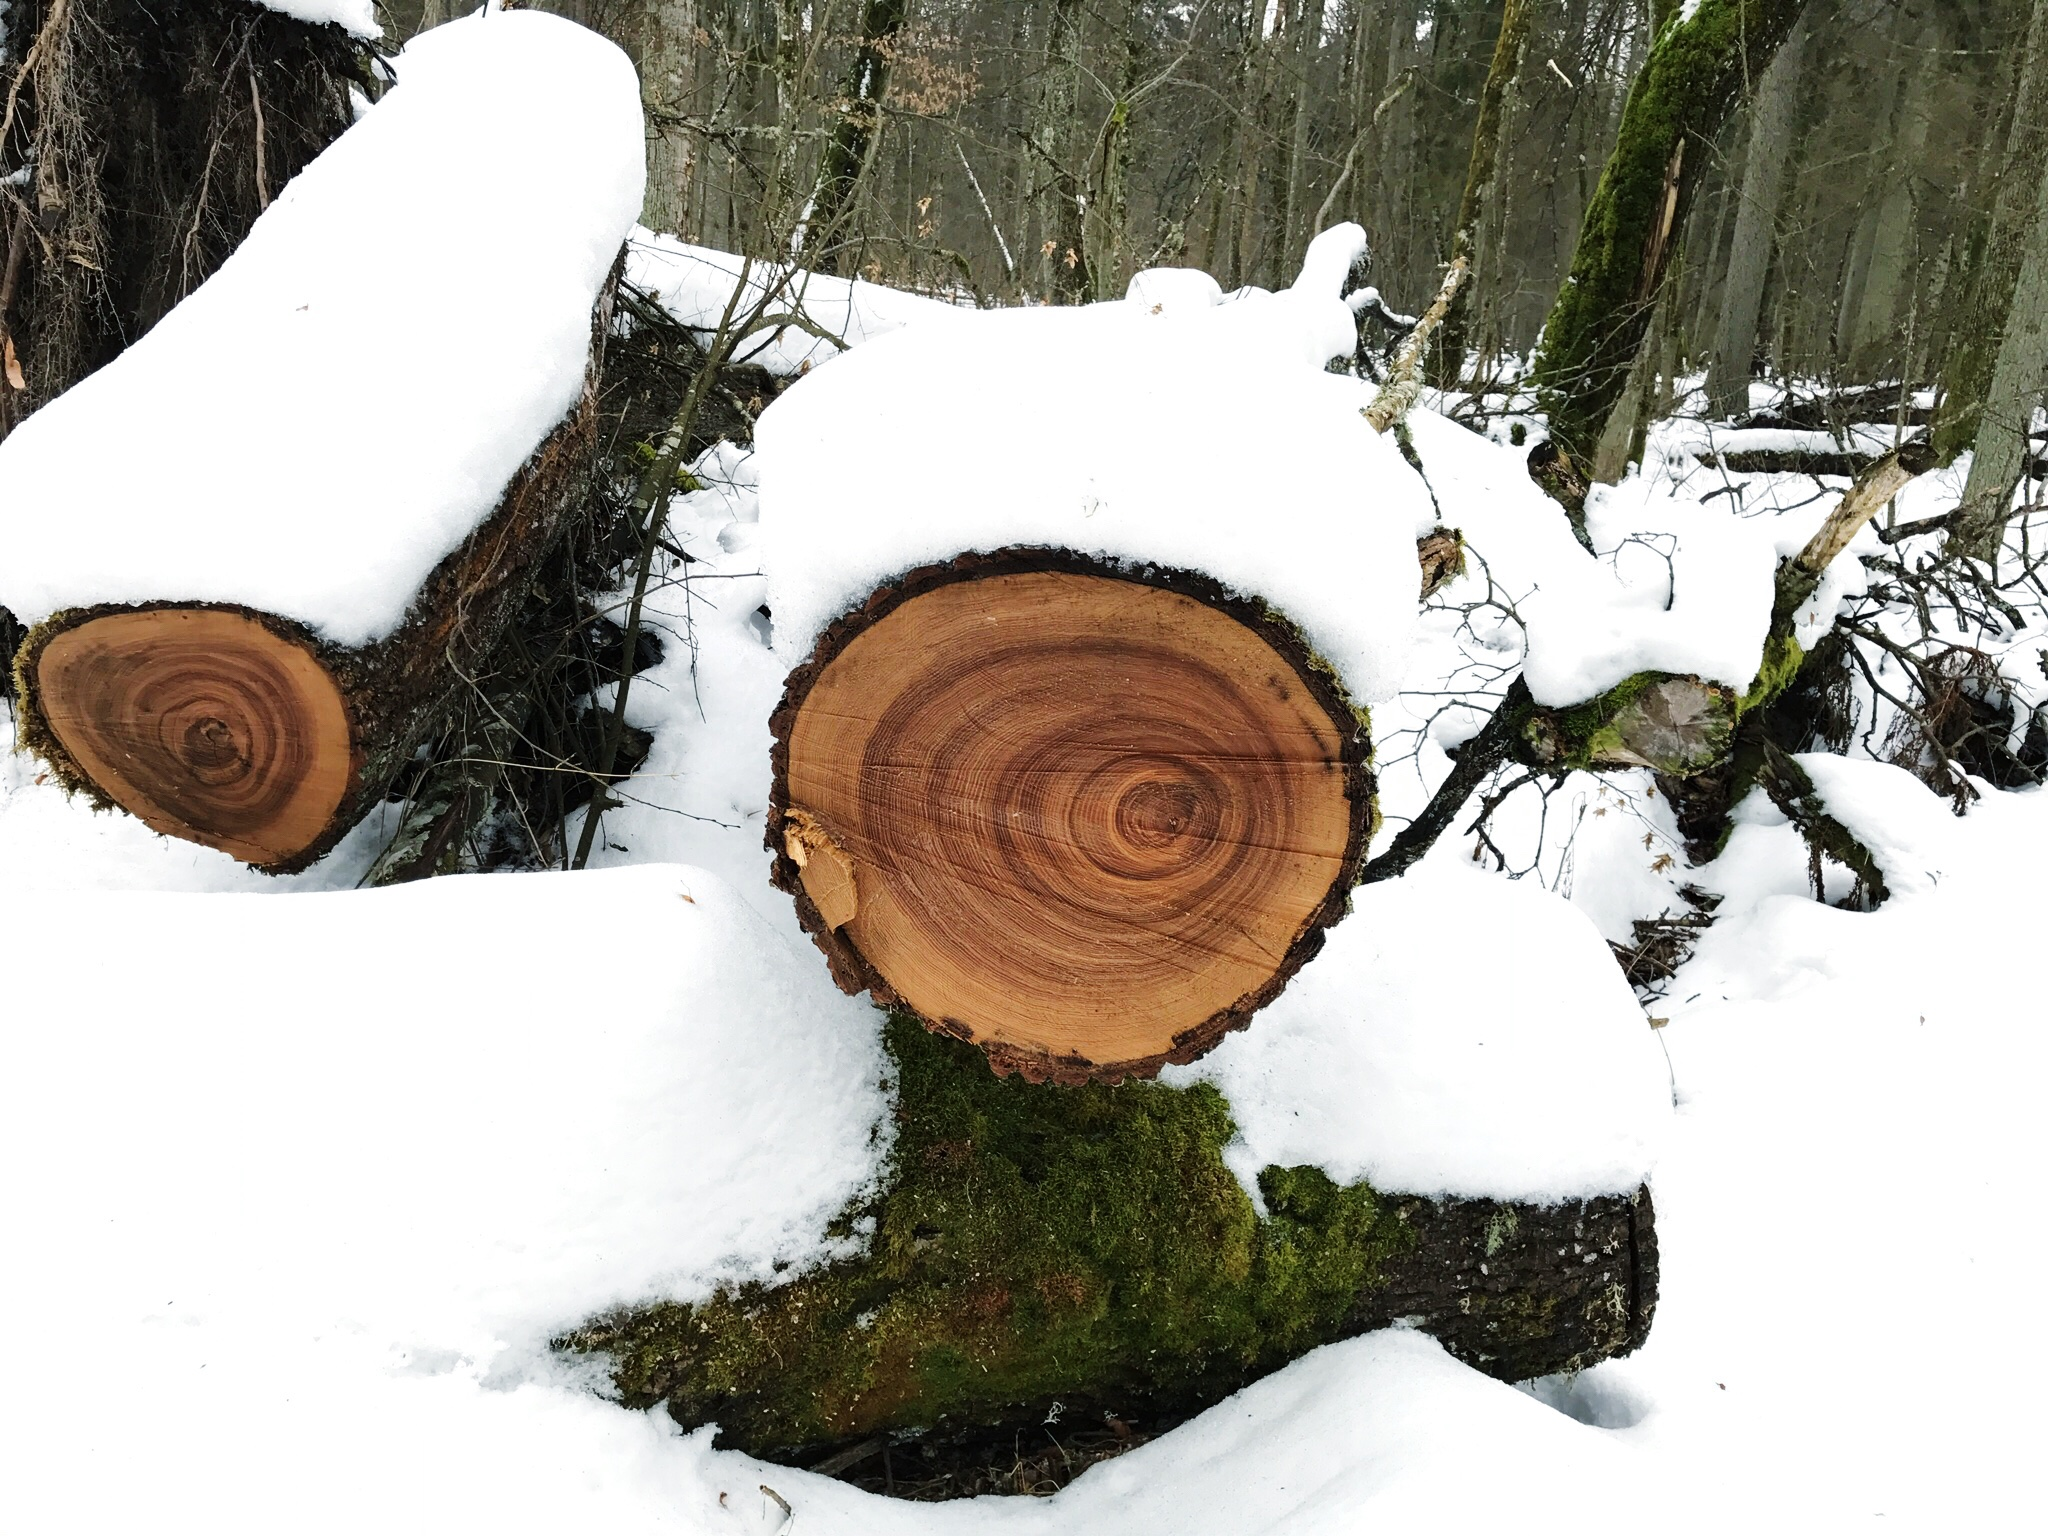 asymmetrical-tree-rings-bialowieza-forest.jpg